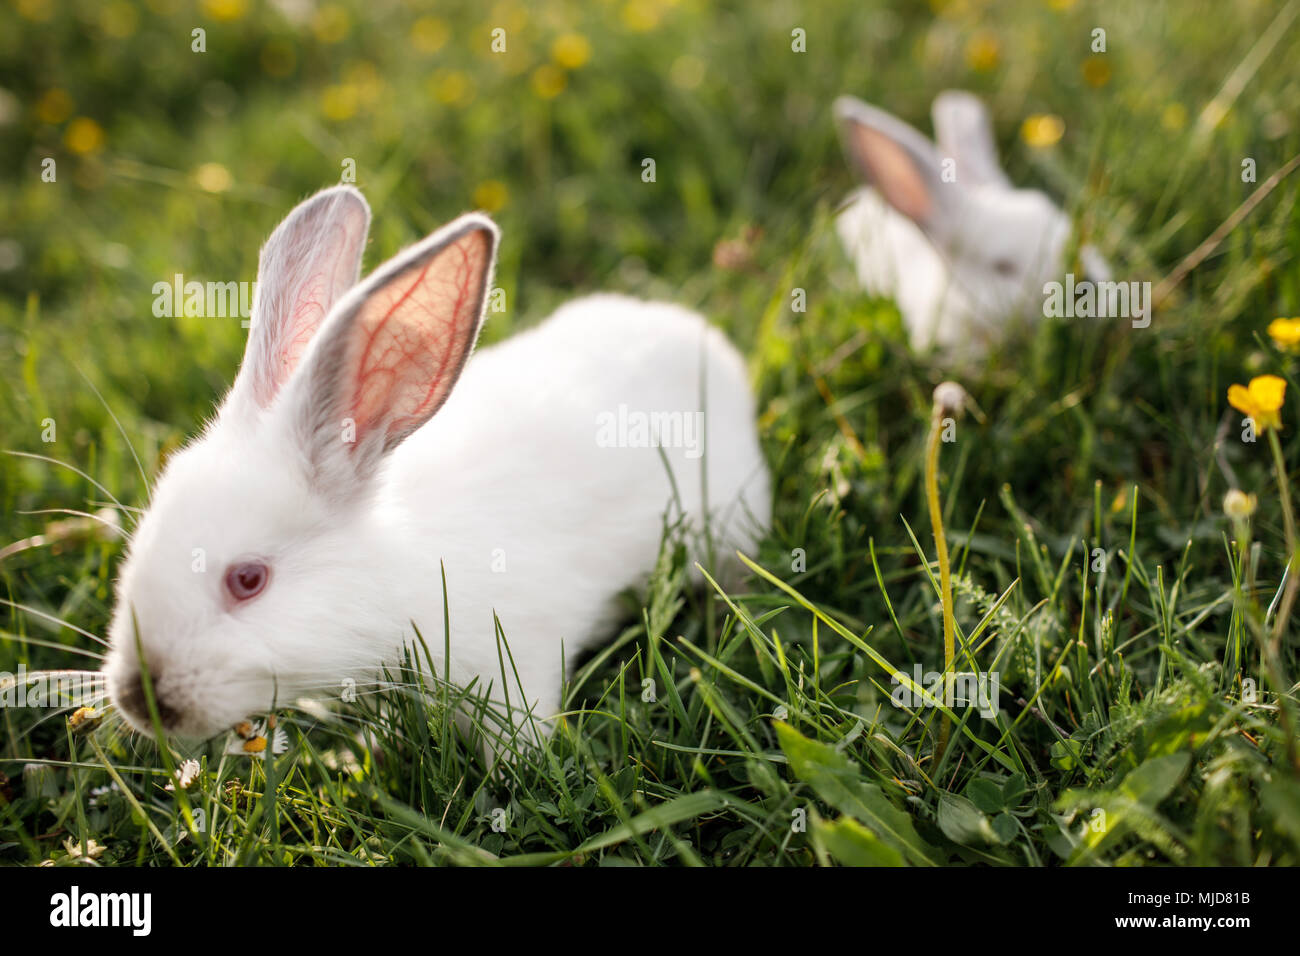 Bebé conejo blanco en fondo de hierba verde primavera Imagen De Stock